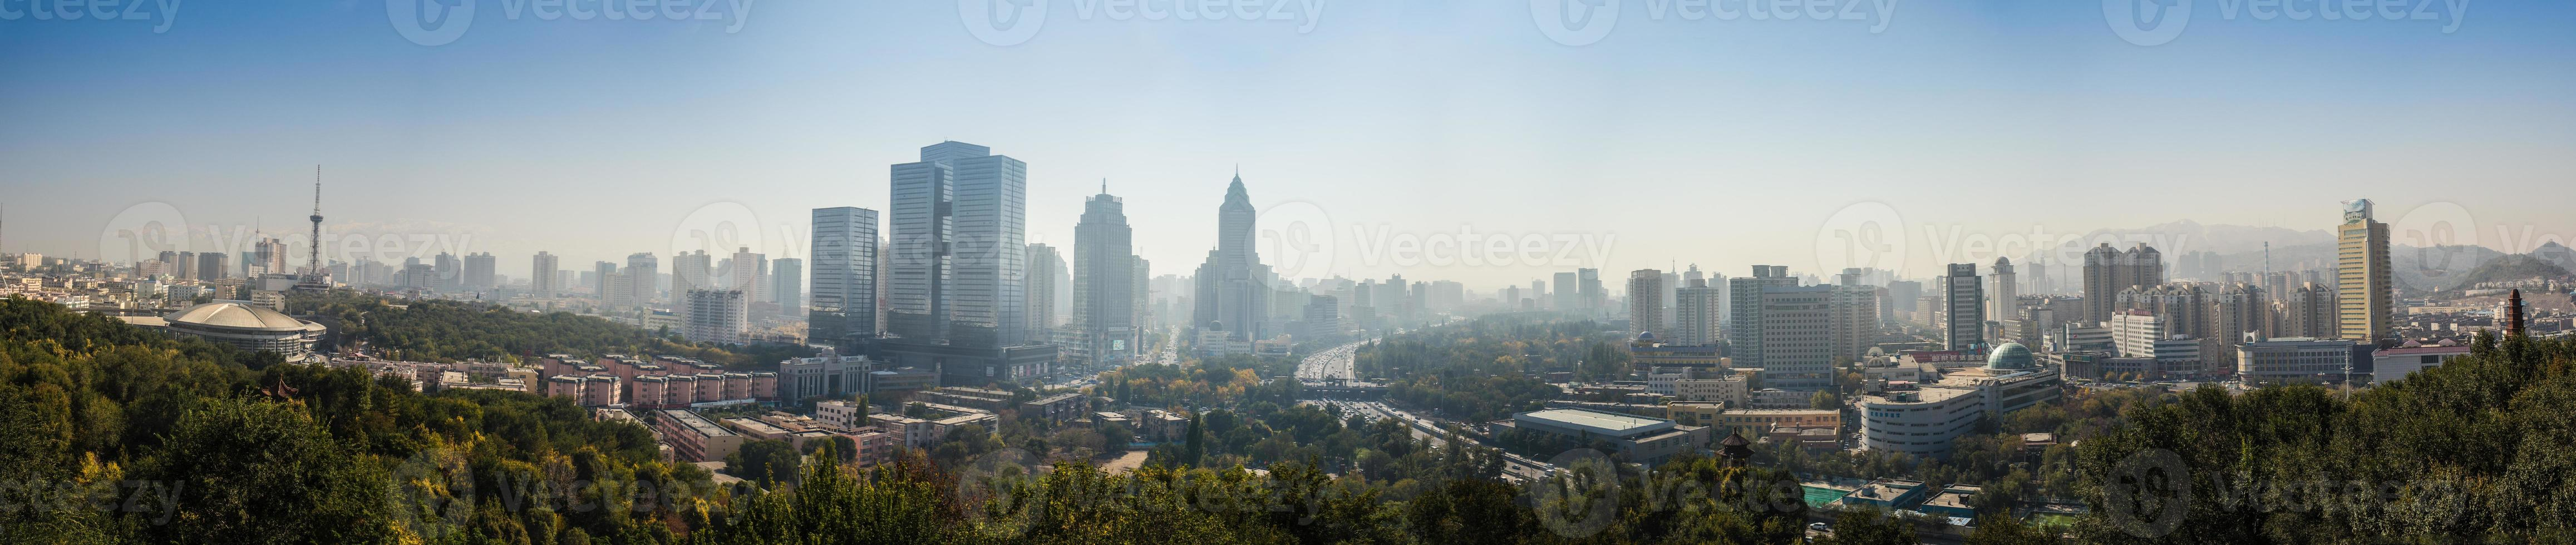 vue sur la grande ville moderne photo